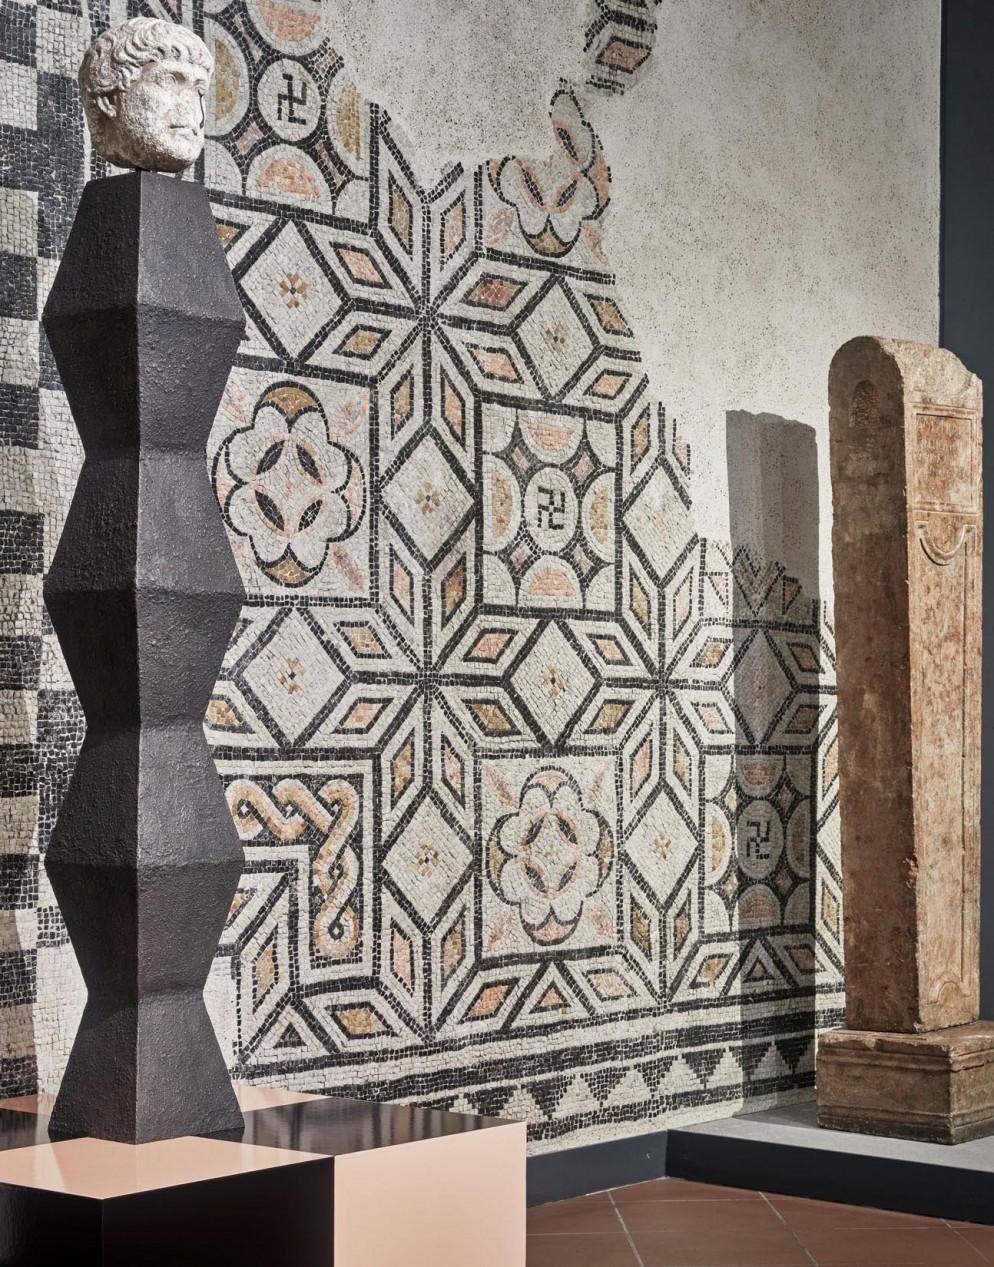 brescia-mostra-palcoscenici-archeologici-francesco-vezzoli- 21